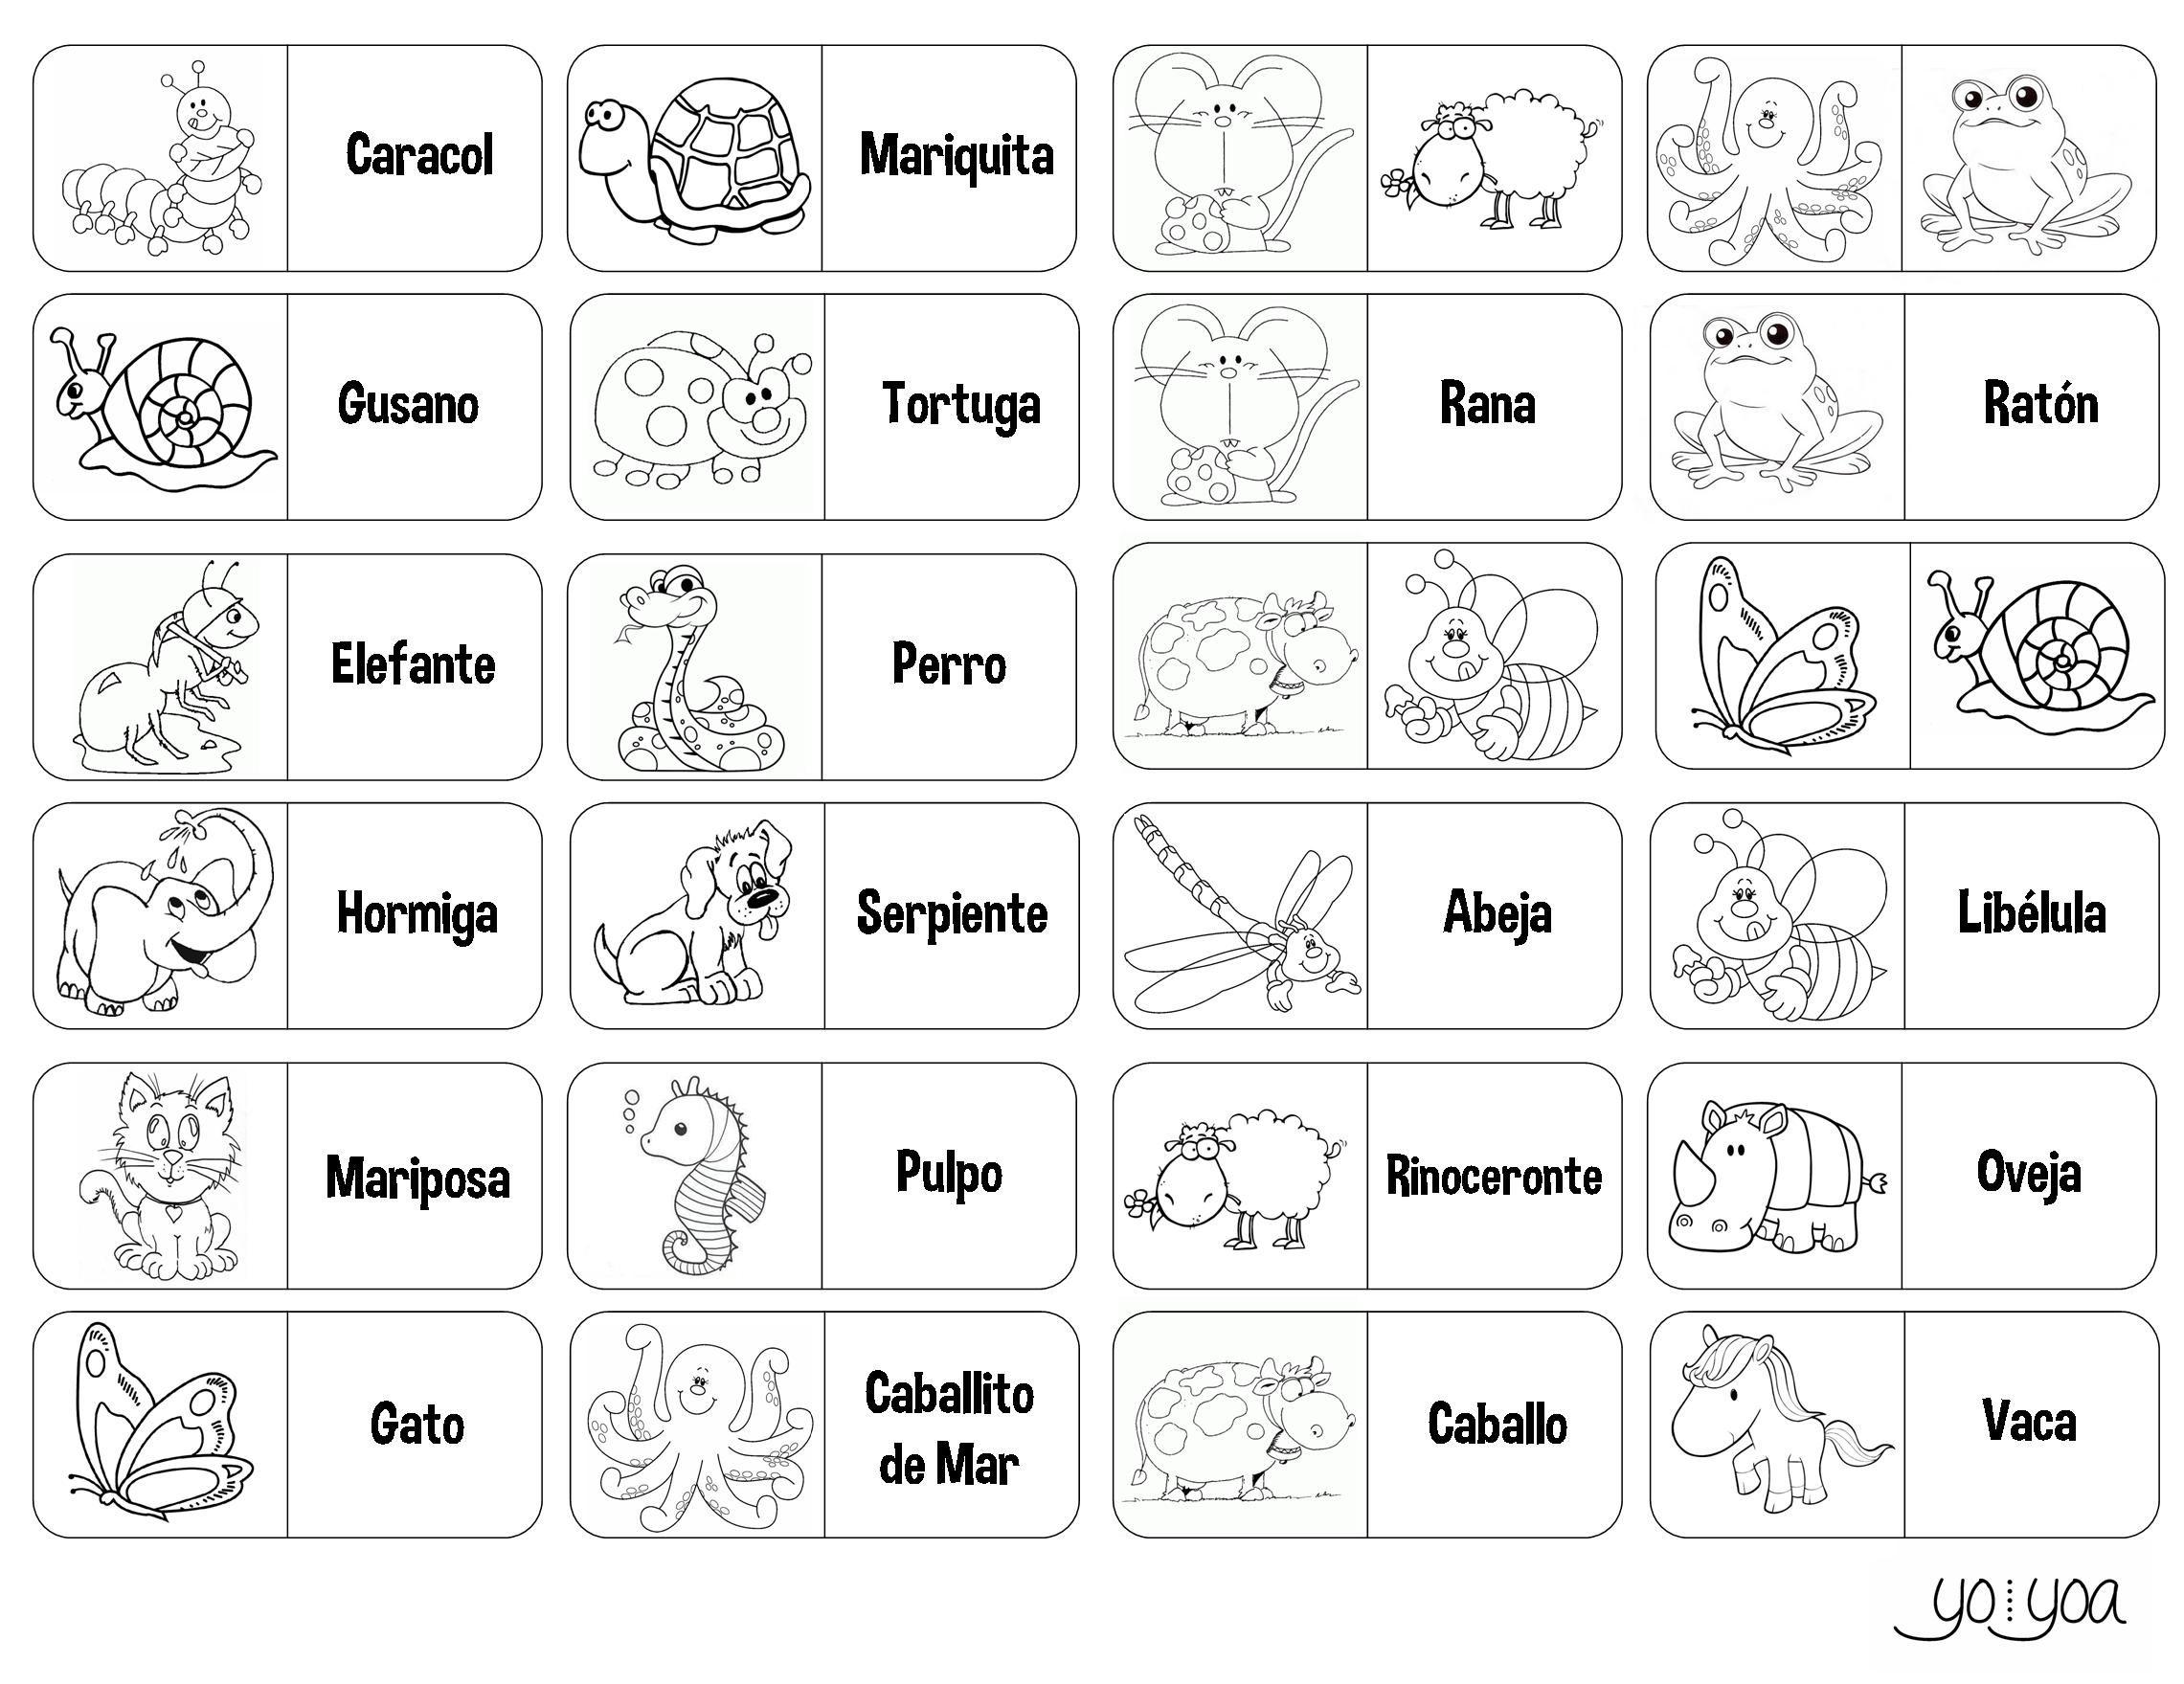 Domino Infantil De Animales Para Colorear Recortar Y Jugar